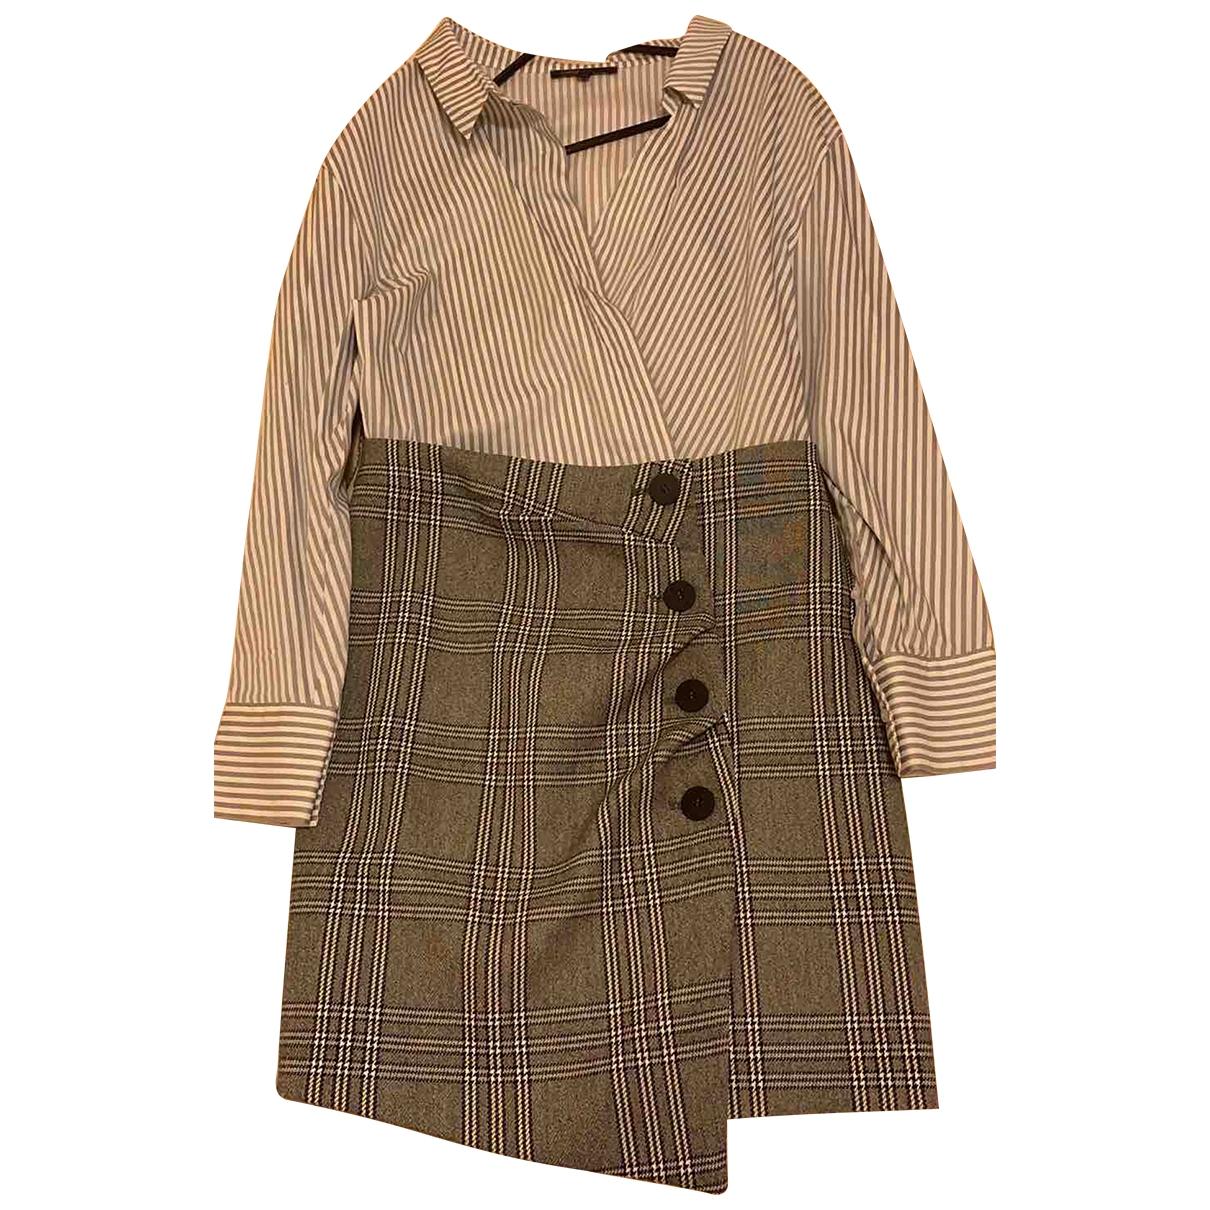 Maje Fall Winter 2019 Kleid in  Grau Baumwolle